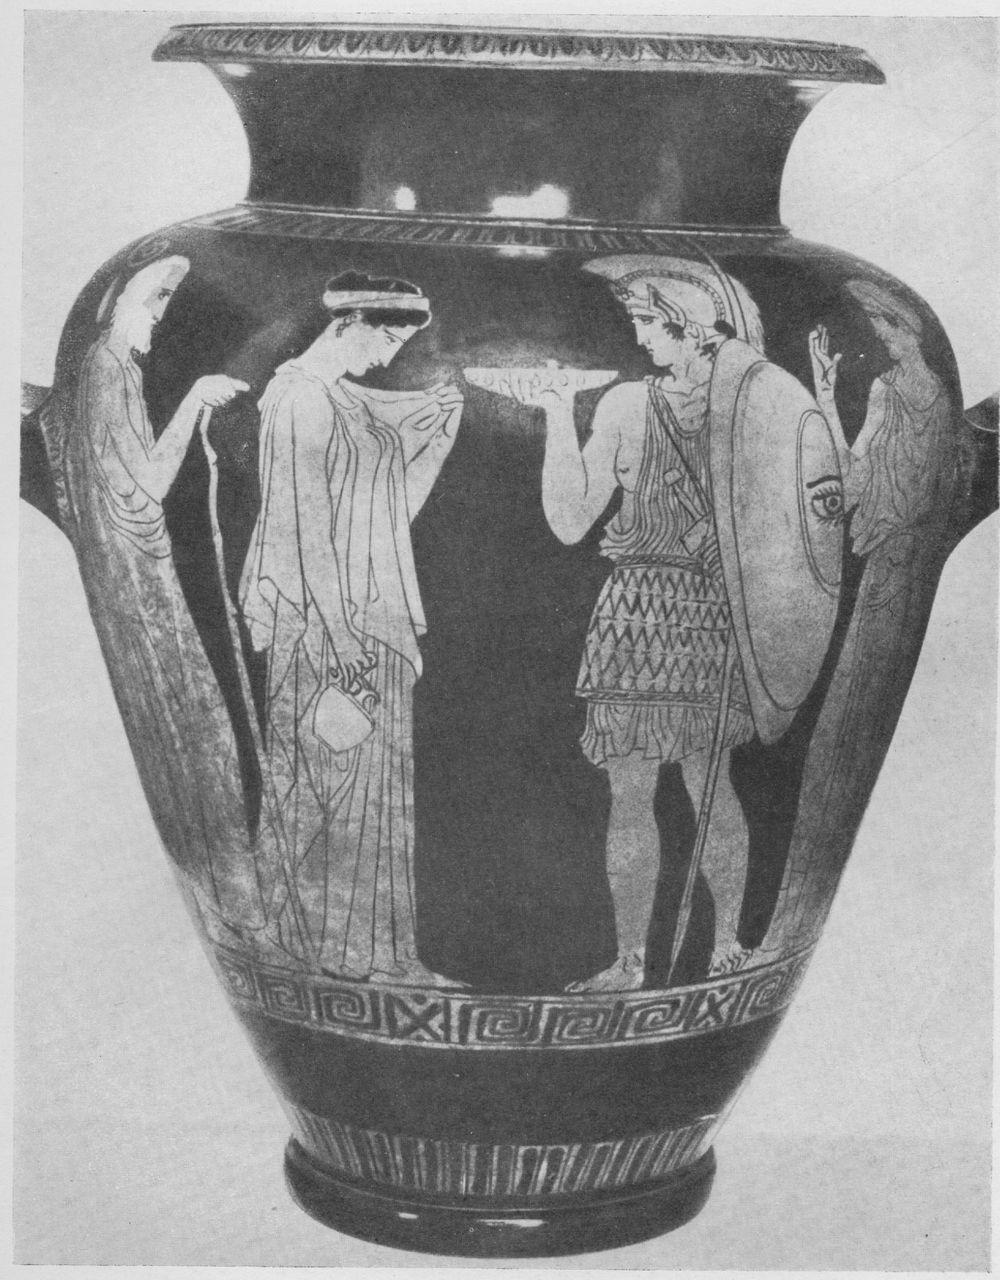 Музей античною прикладного искусства